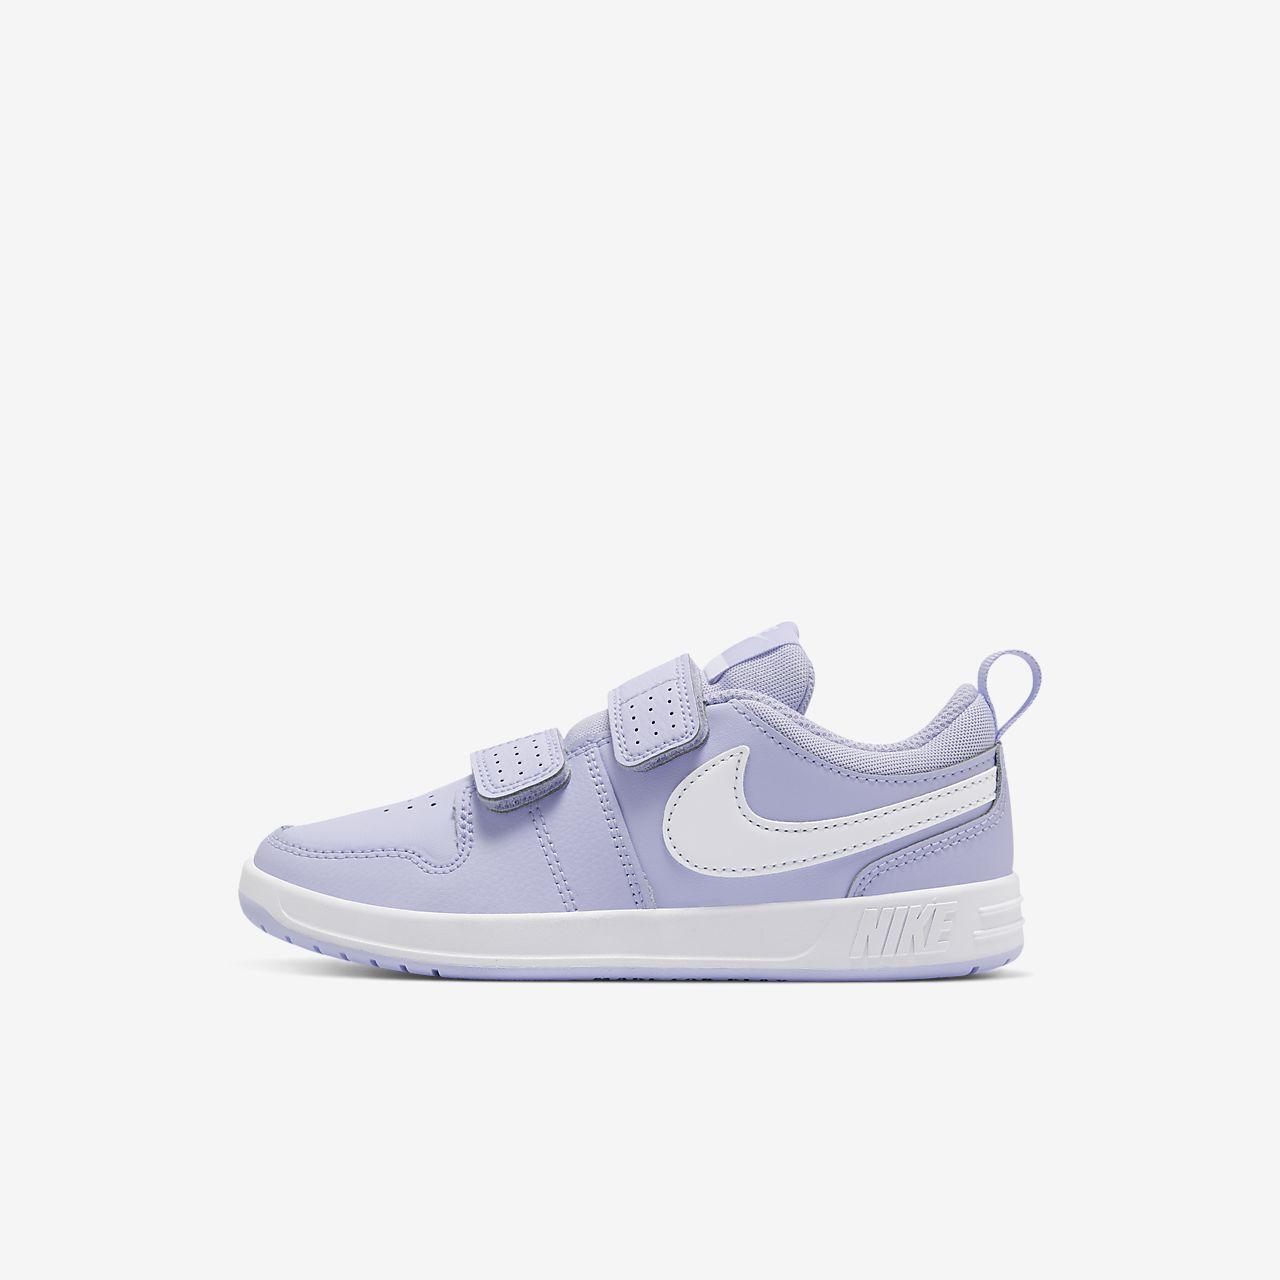 Sapatilhas Nike Pico 5 para criança